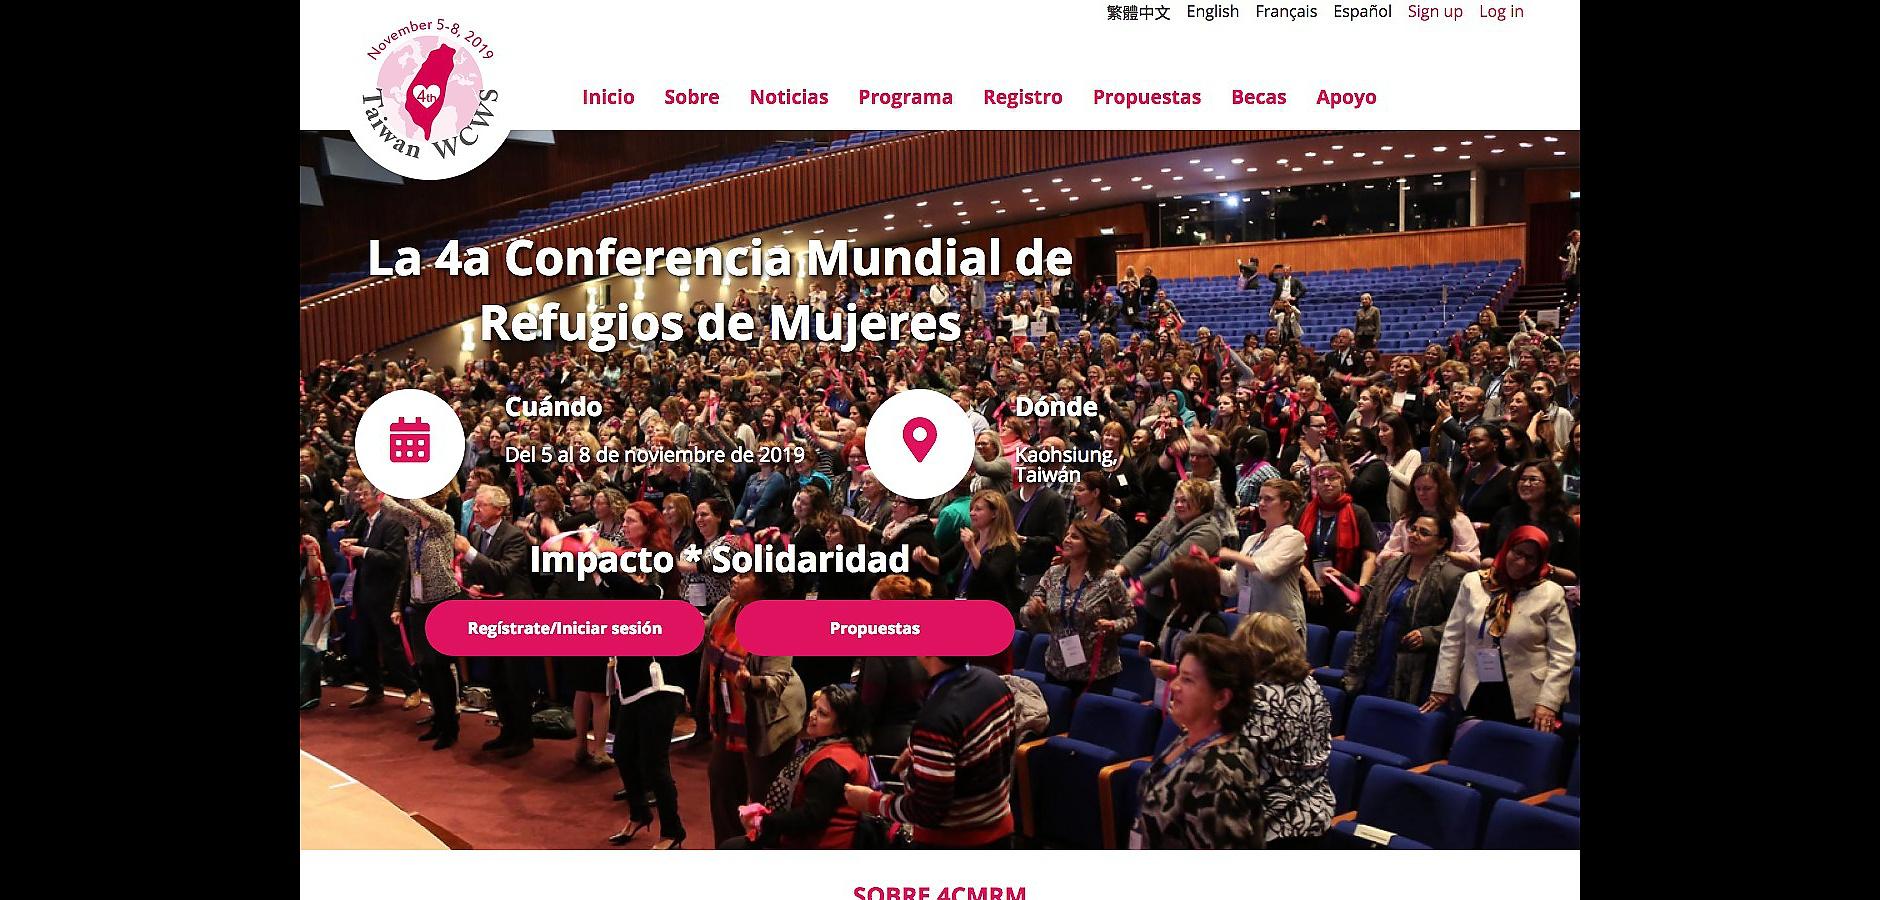 西班牙文版